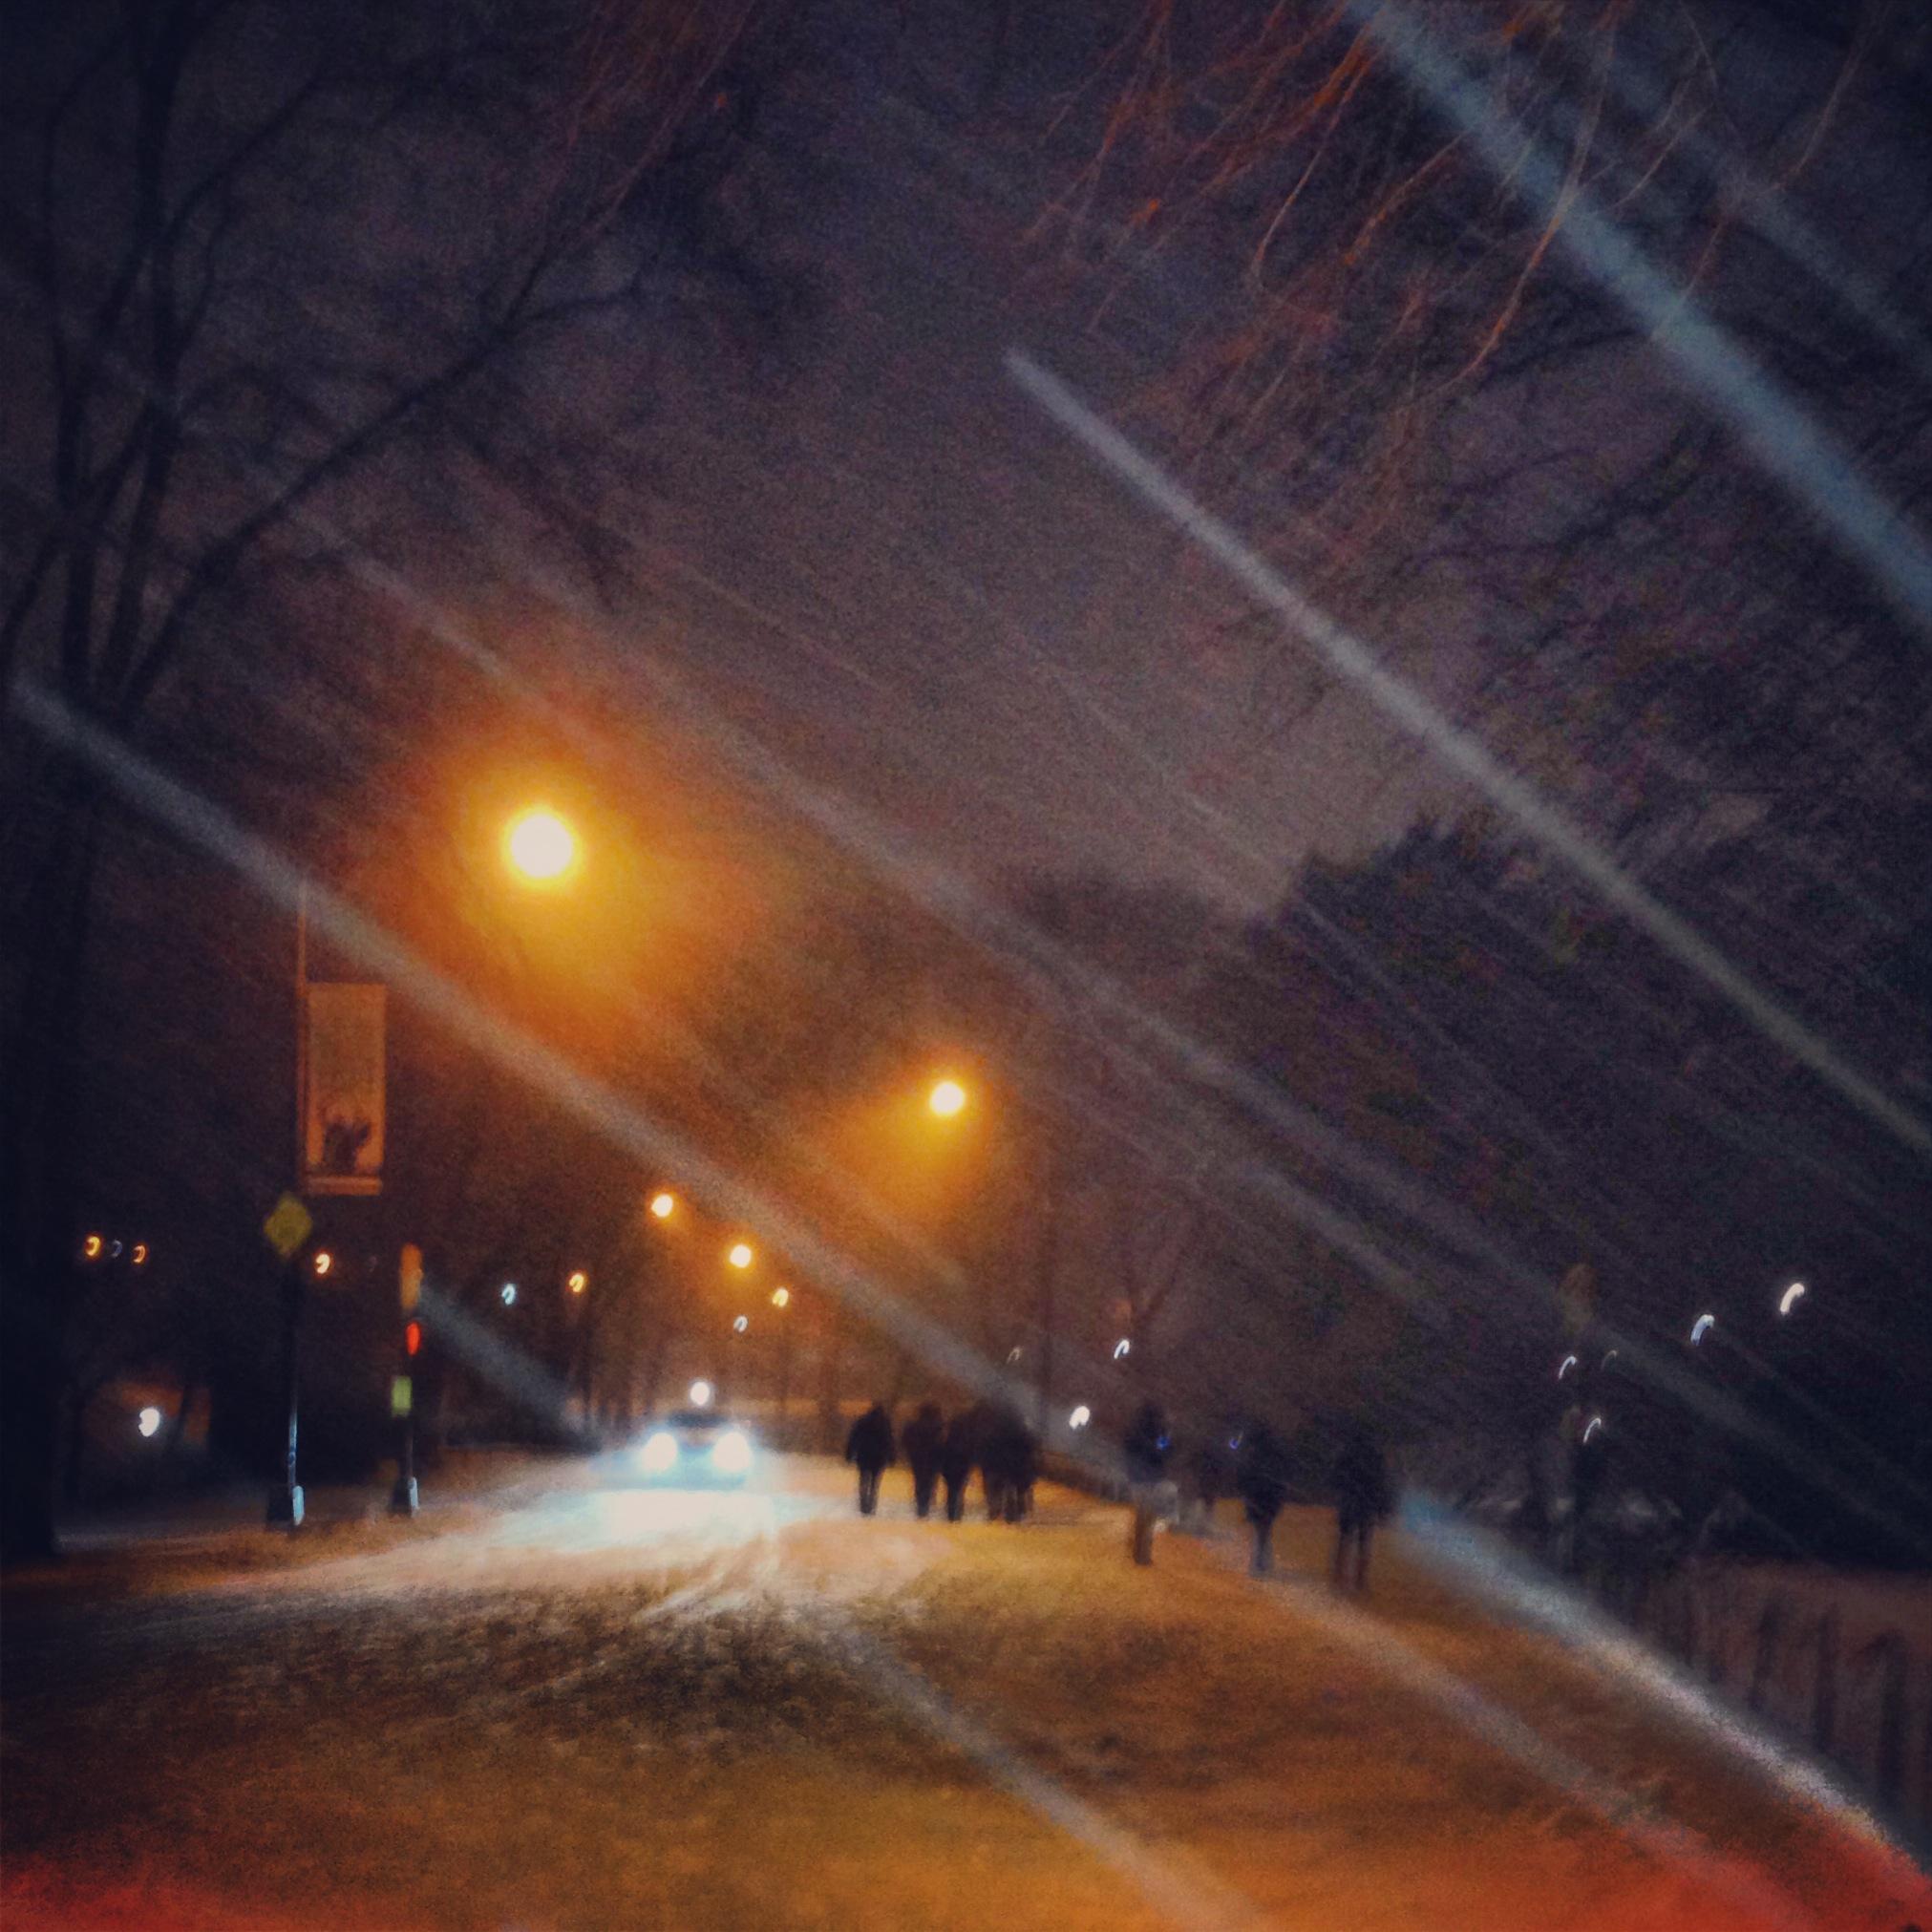 Central Park Dec 2013